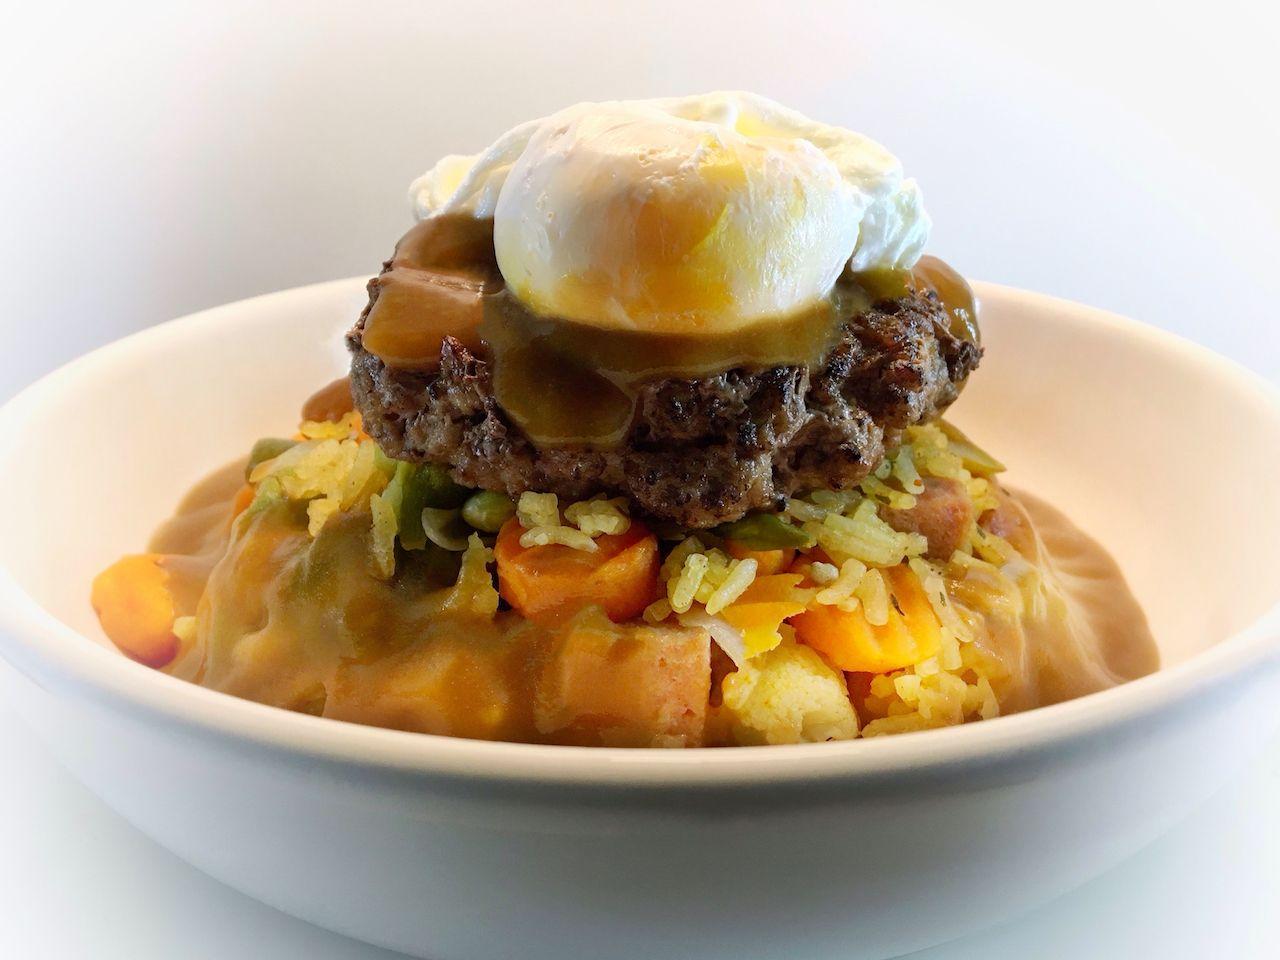 Moco Loco Spam burger from Hawaii